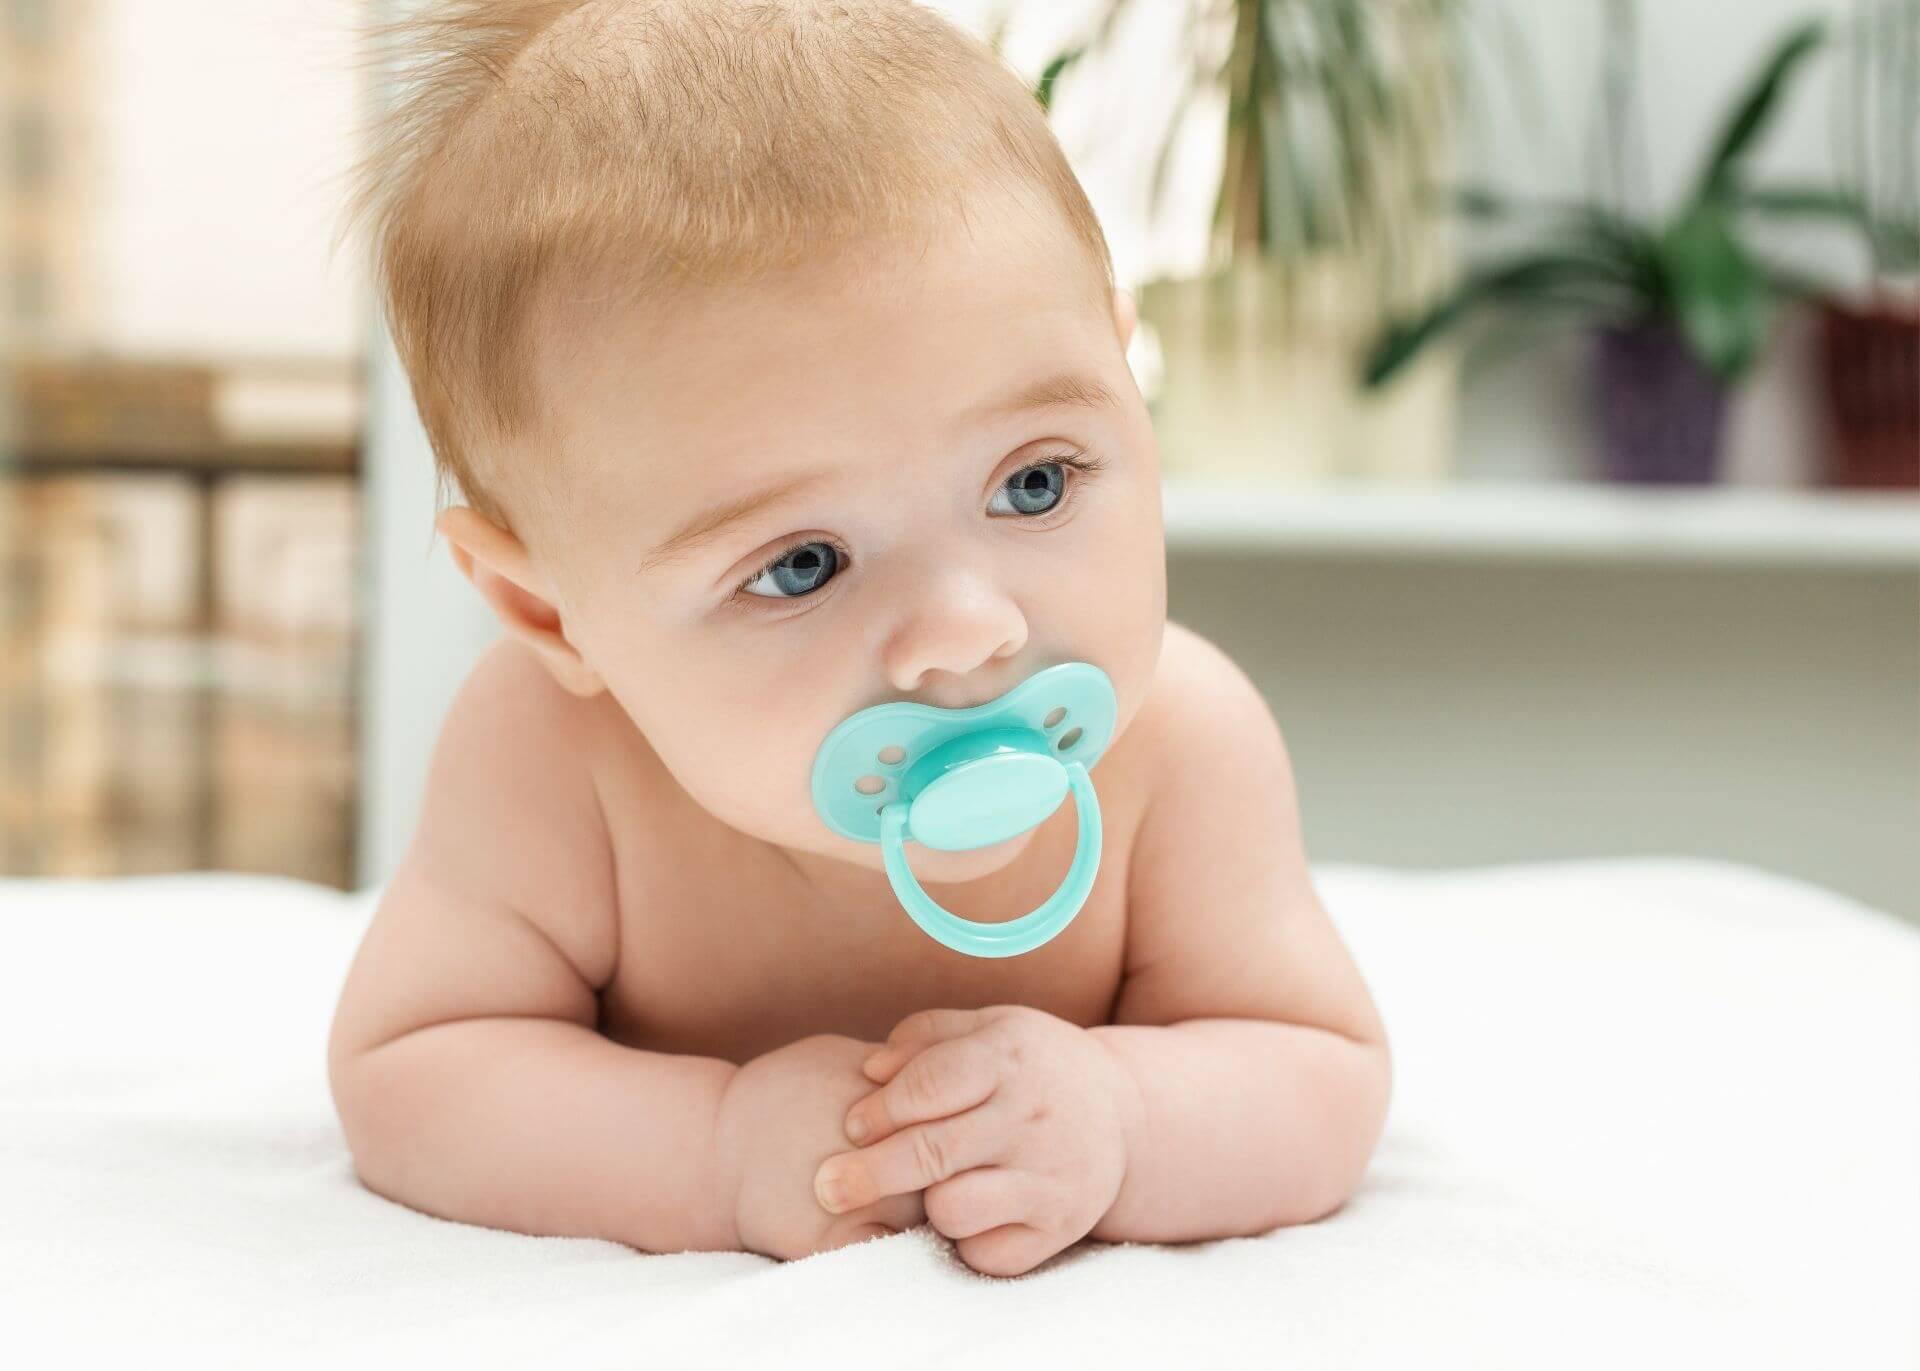 bebé con chupón celeste sobre una cama blanca